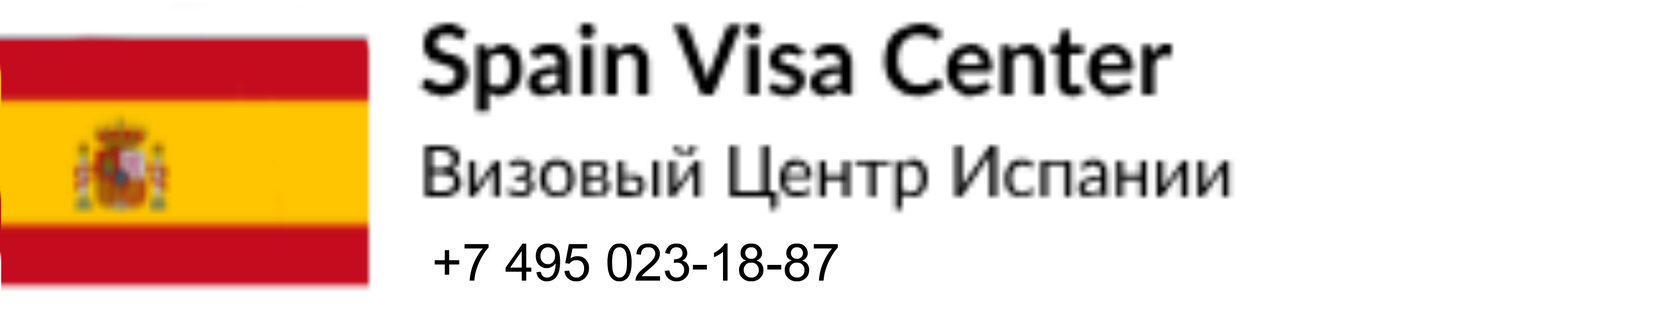 Spain Visa Center